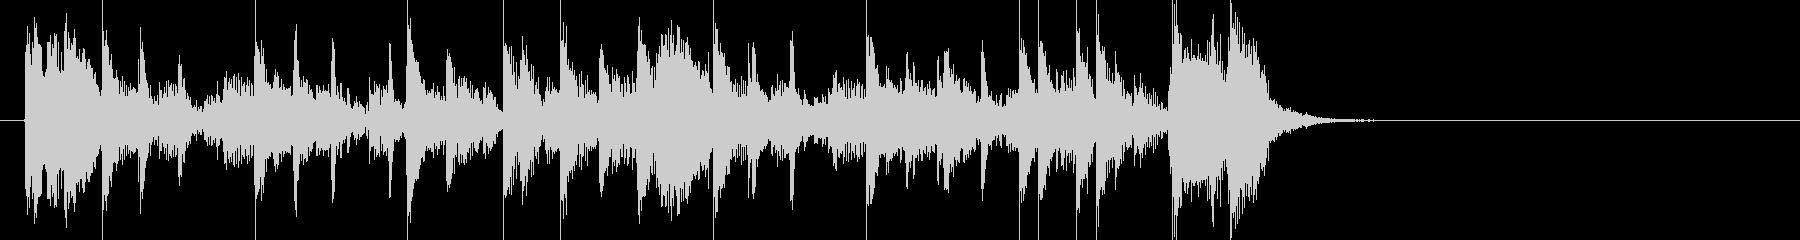 特徴的なベースラインが光るジングルの未再生の波形